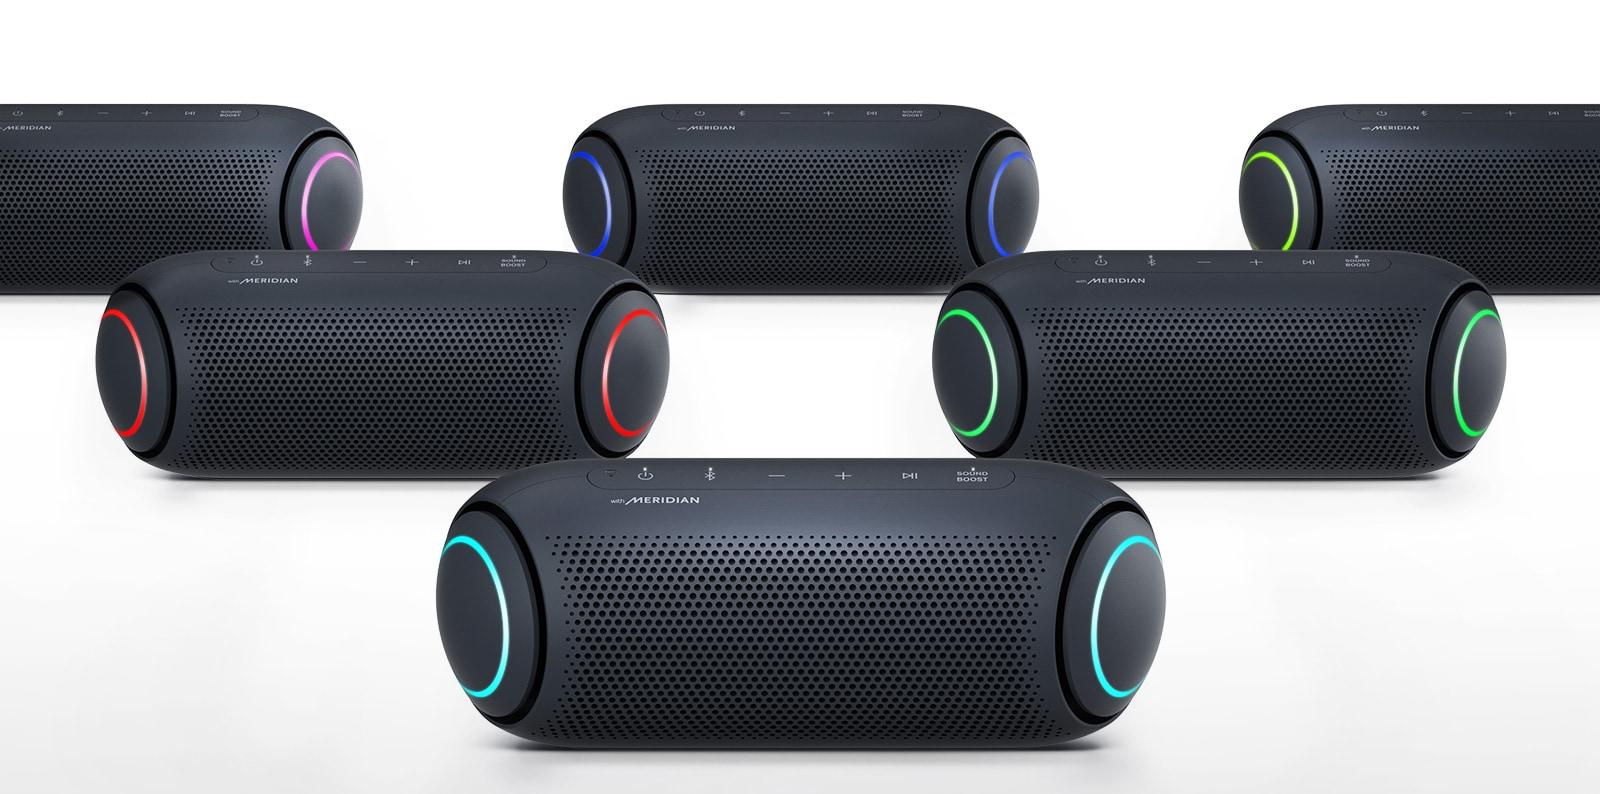 Na bijeloj pozadini pet zvučnika XBOOM Go prikazuju osvjetljenja u različitim bojama.